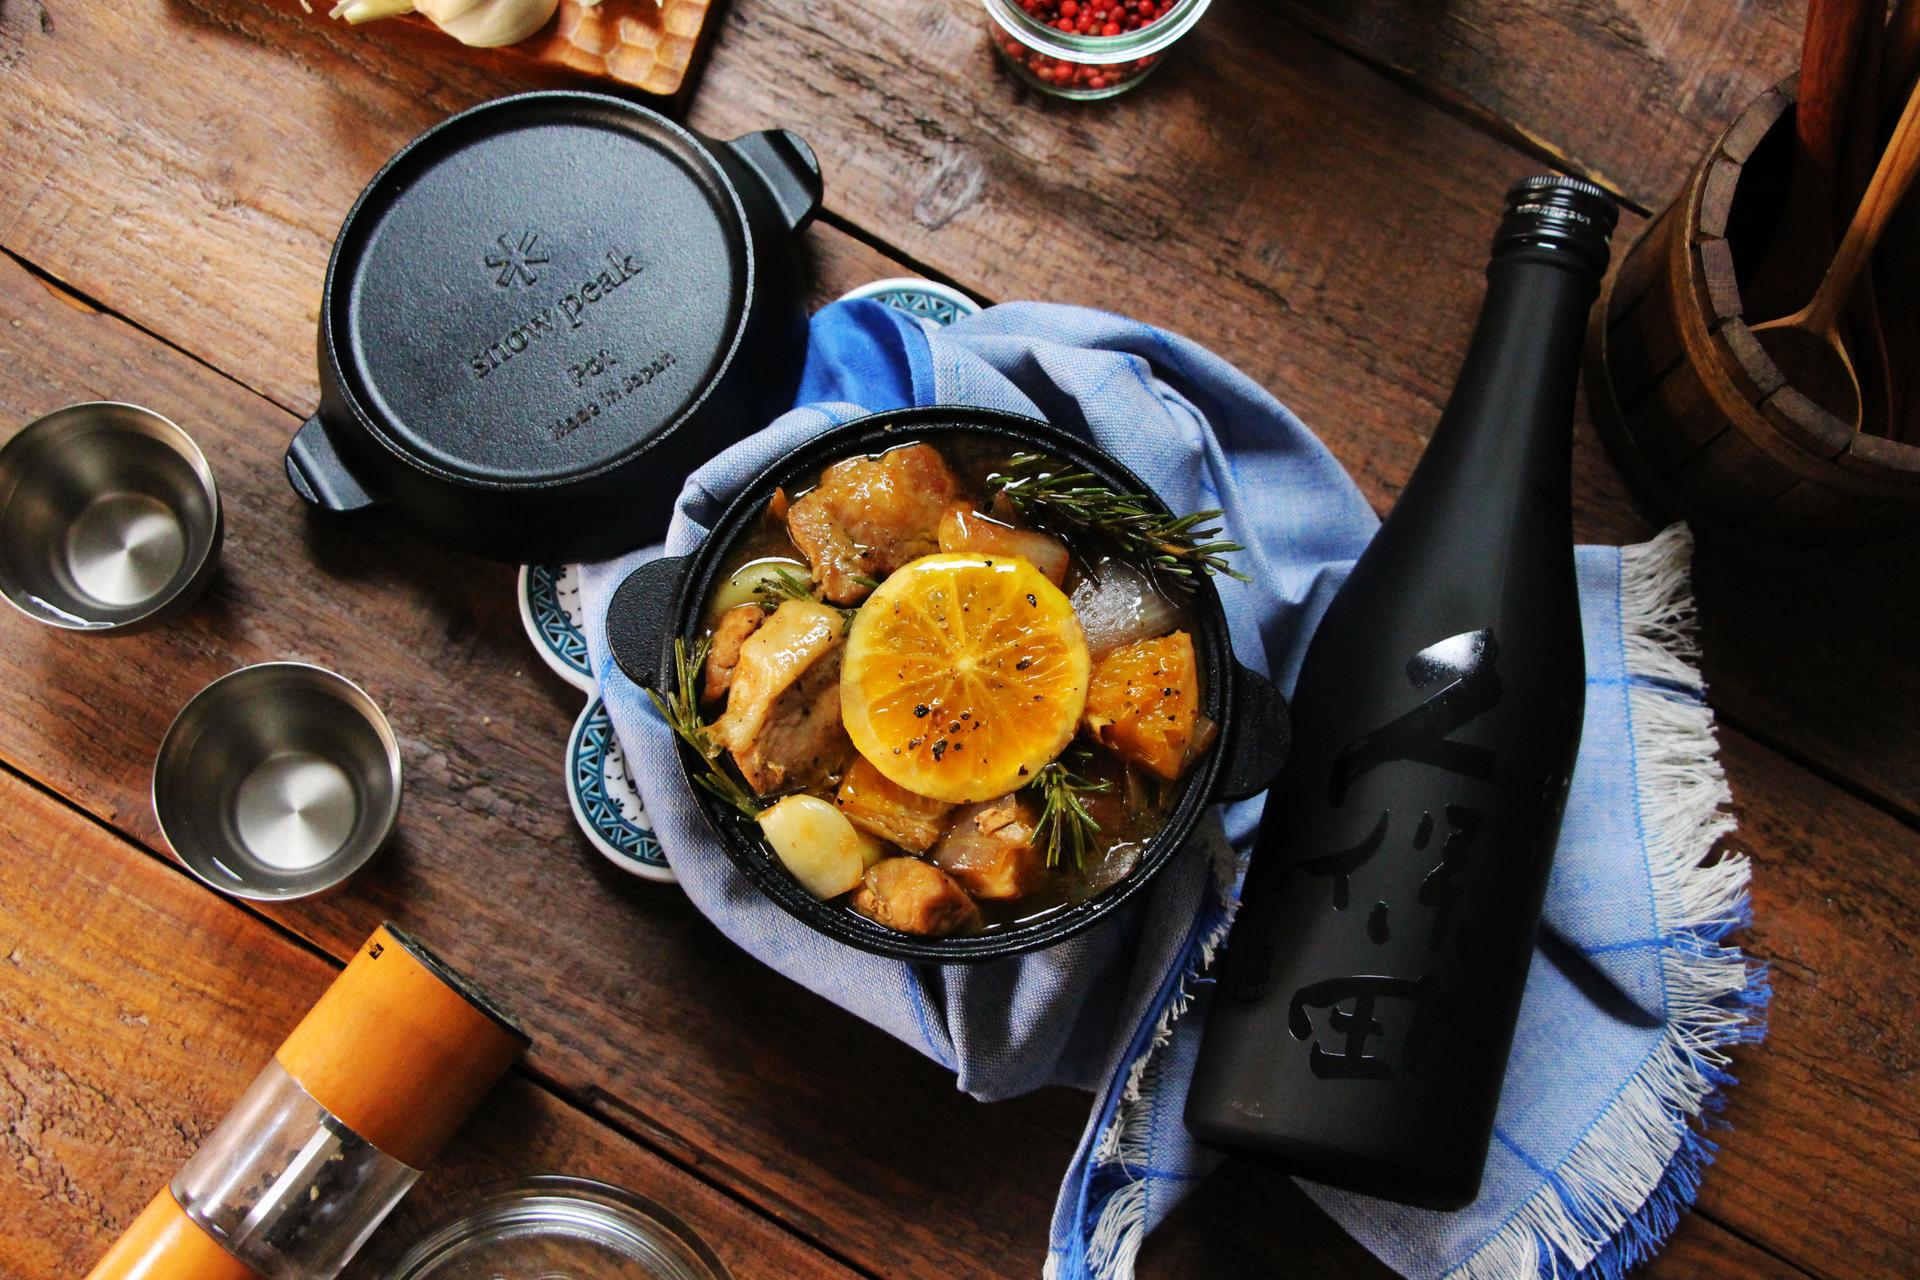 日本酒をもっと楽しむおつまみレシピ|豚ロースとオレンジのハーブ煮込み